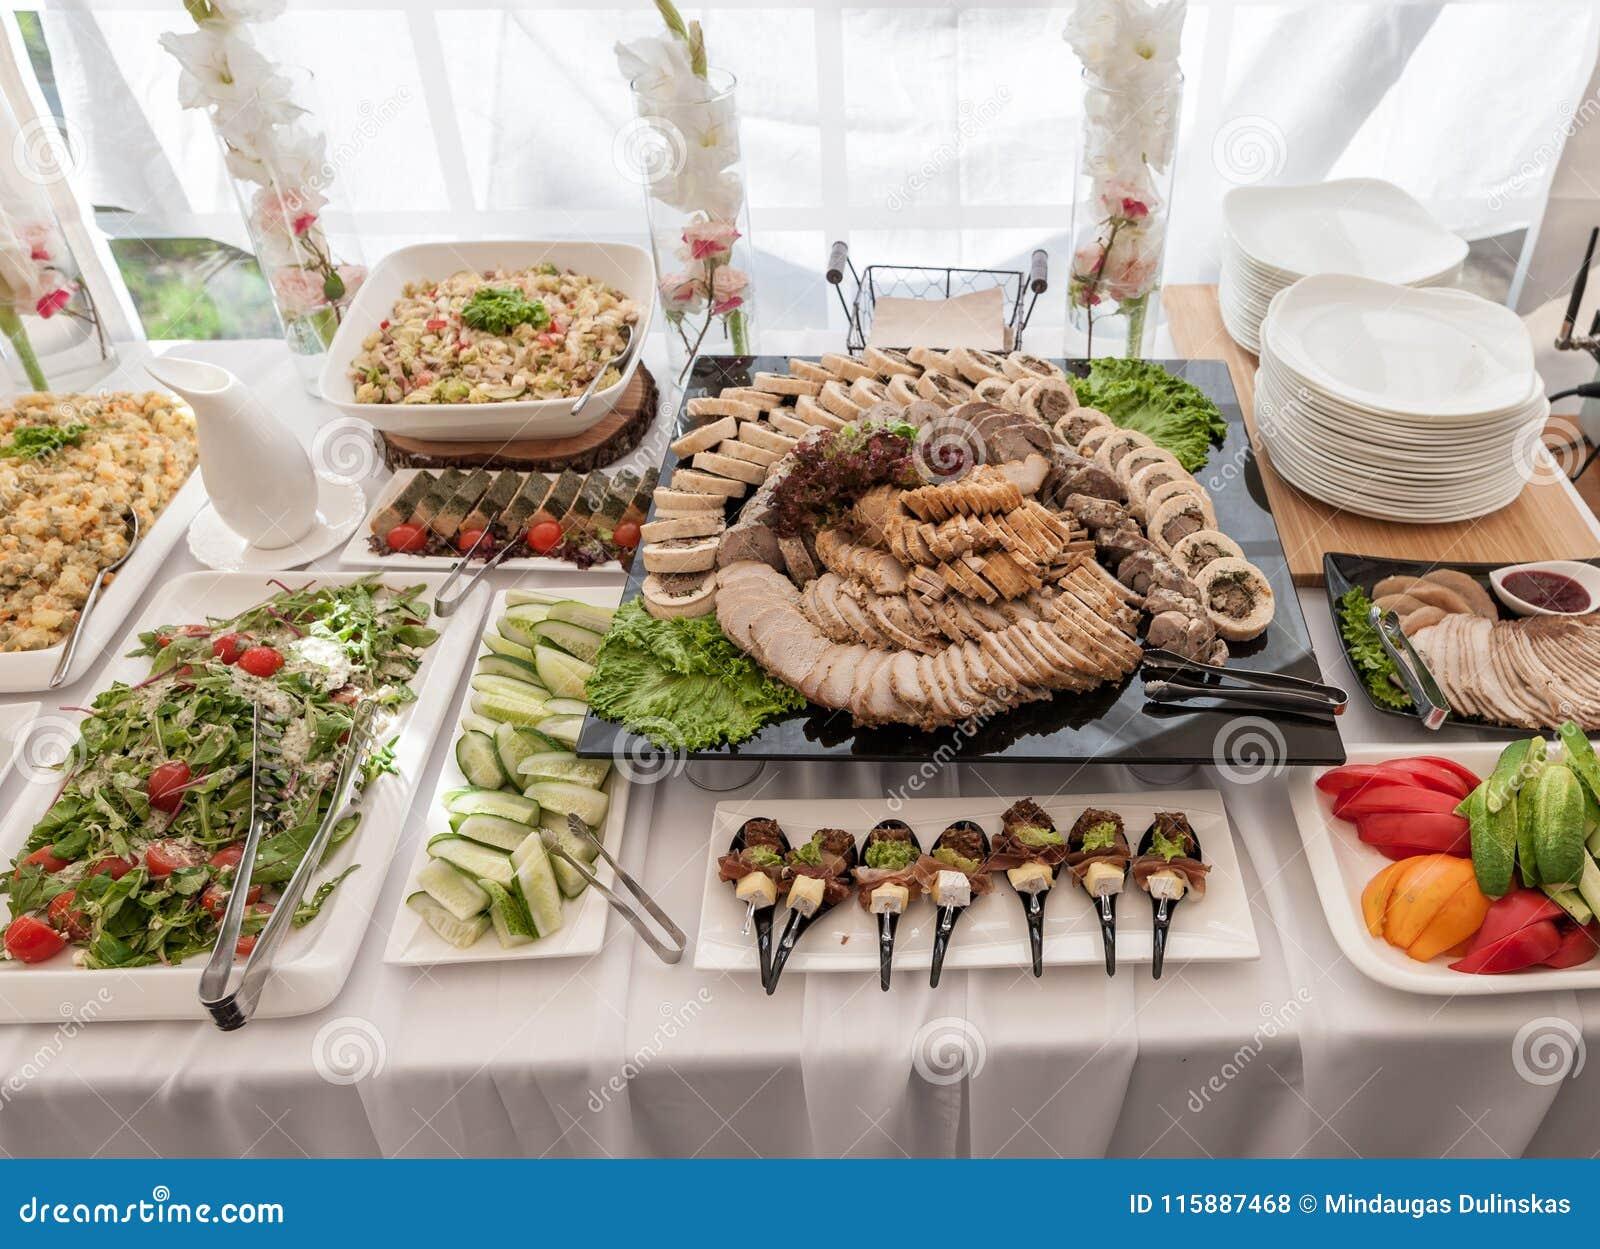 Gifta sig tabellen med mat Mellanmål och aptitretare på tabellen Fisk och rått kött med grönsaker Skivat baconkött